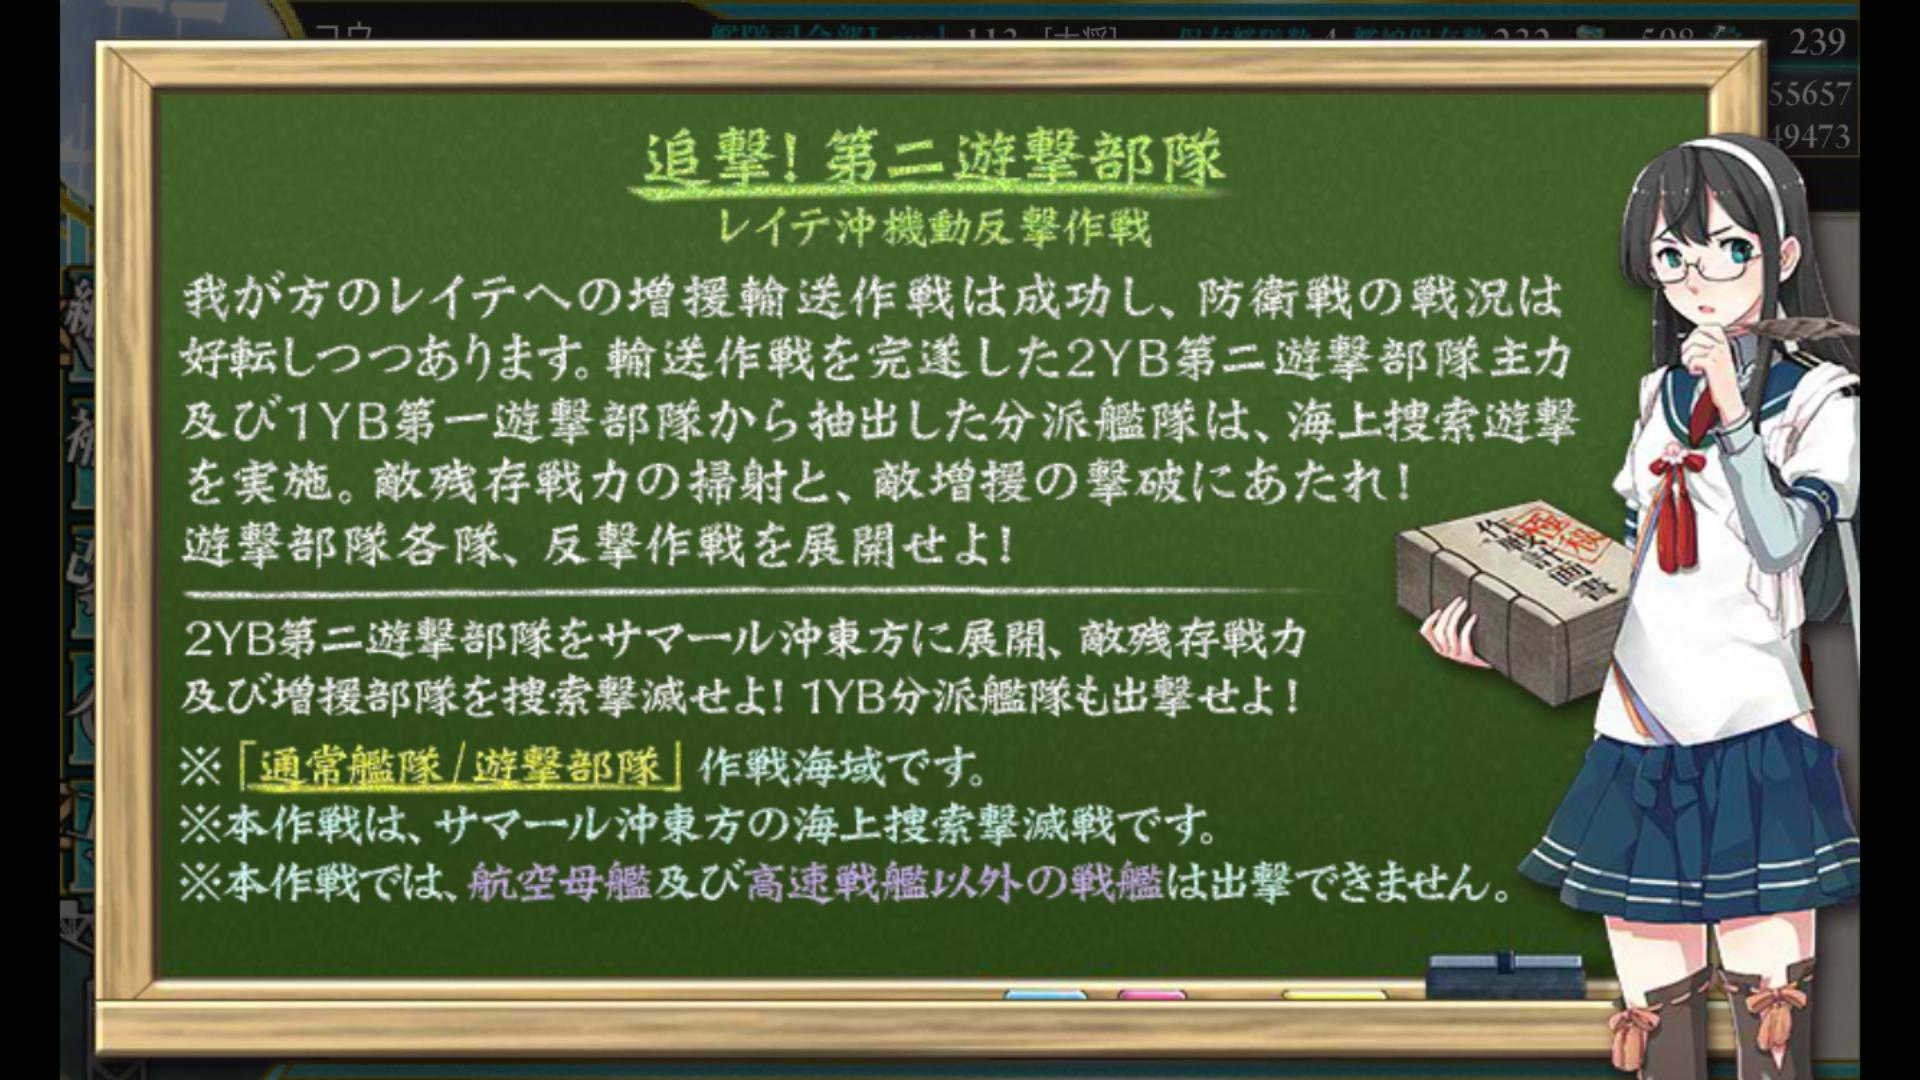 【本家】\スーパーダイソン/ -18冬イベE6前編-